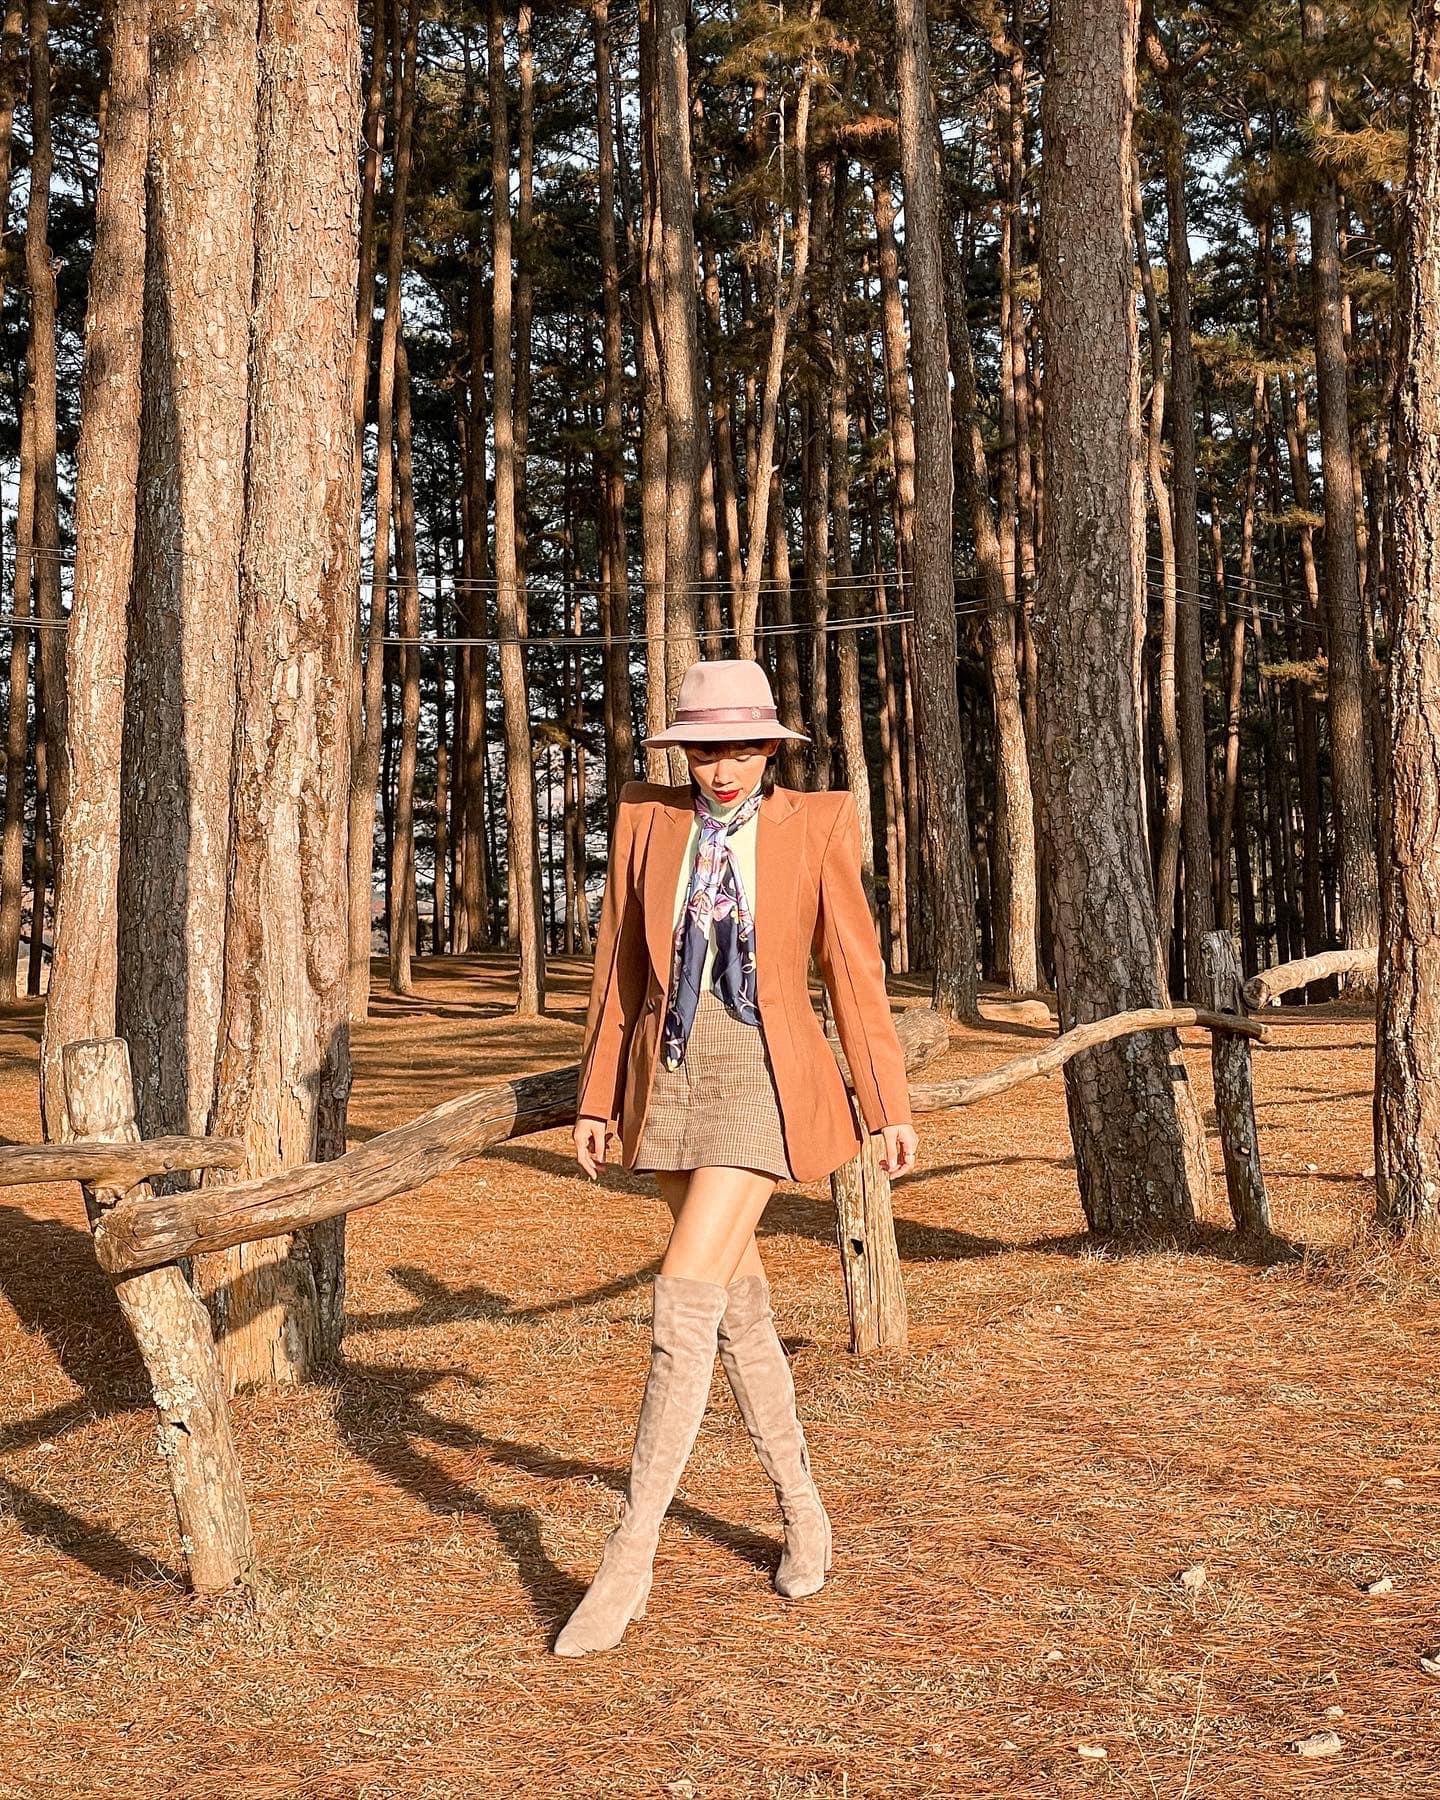 Đi Camping cũng không quên high fashion